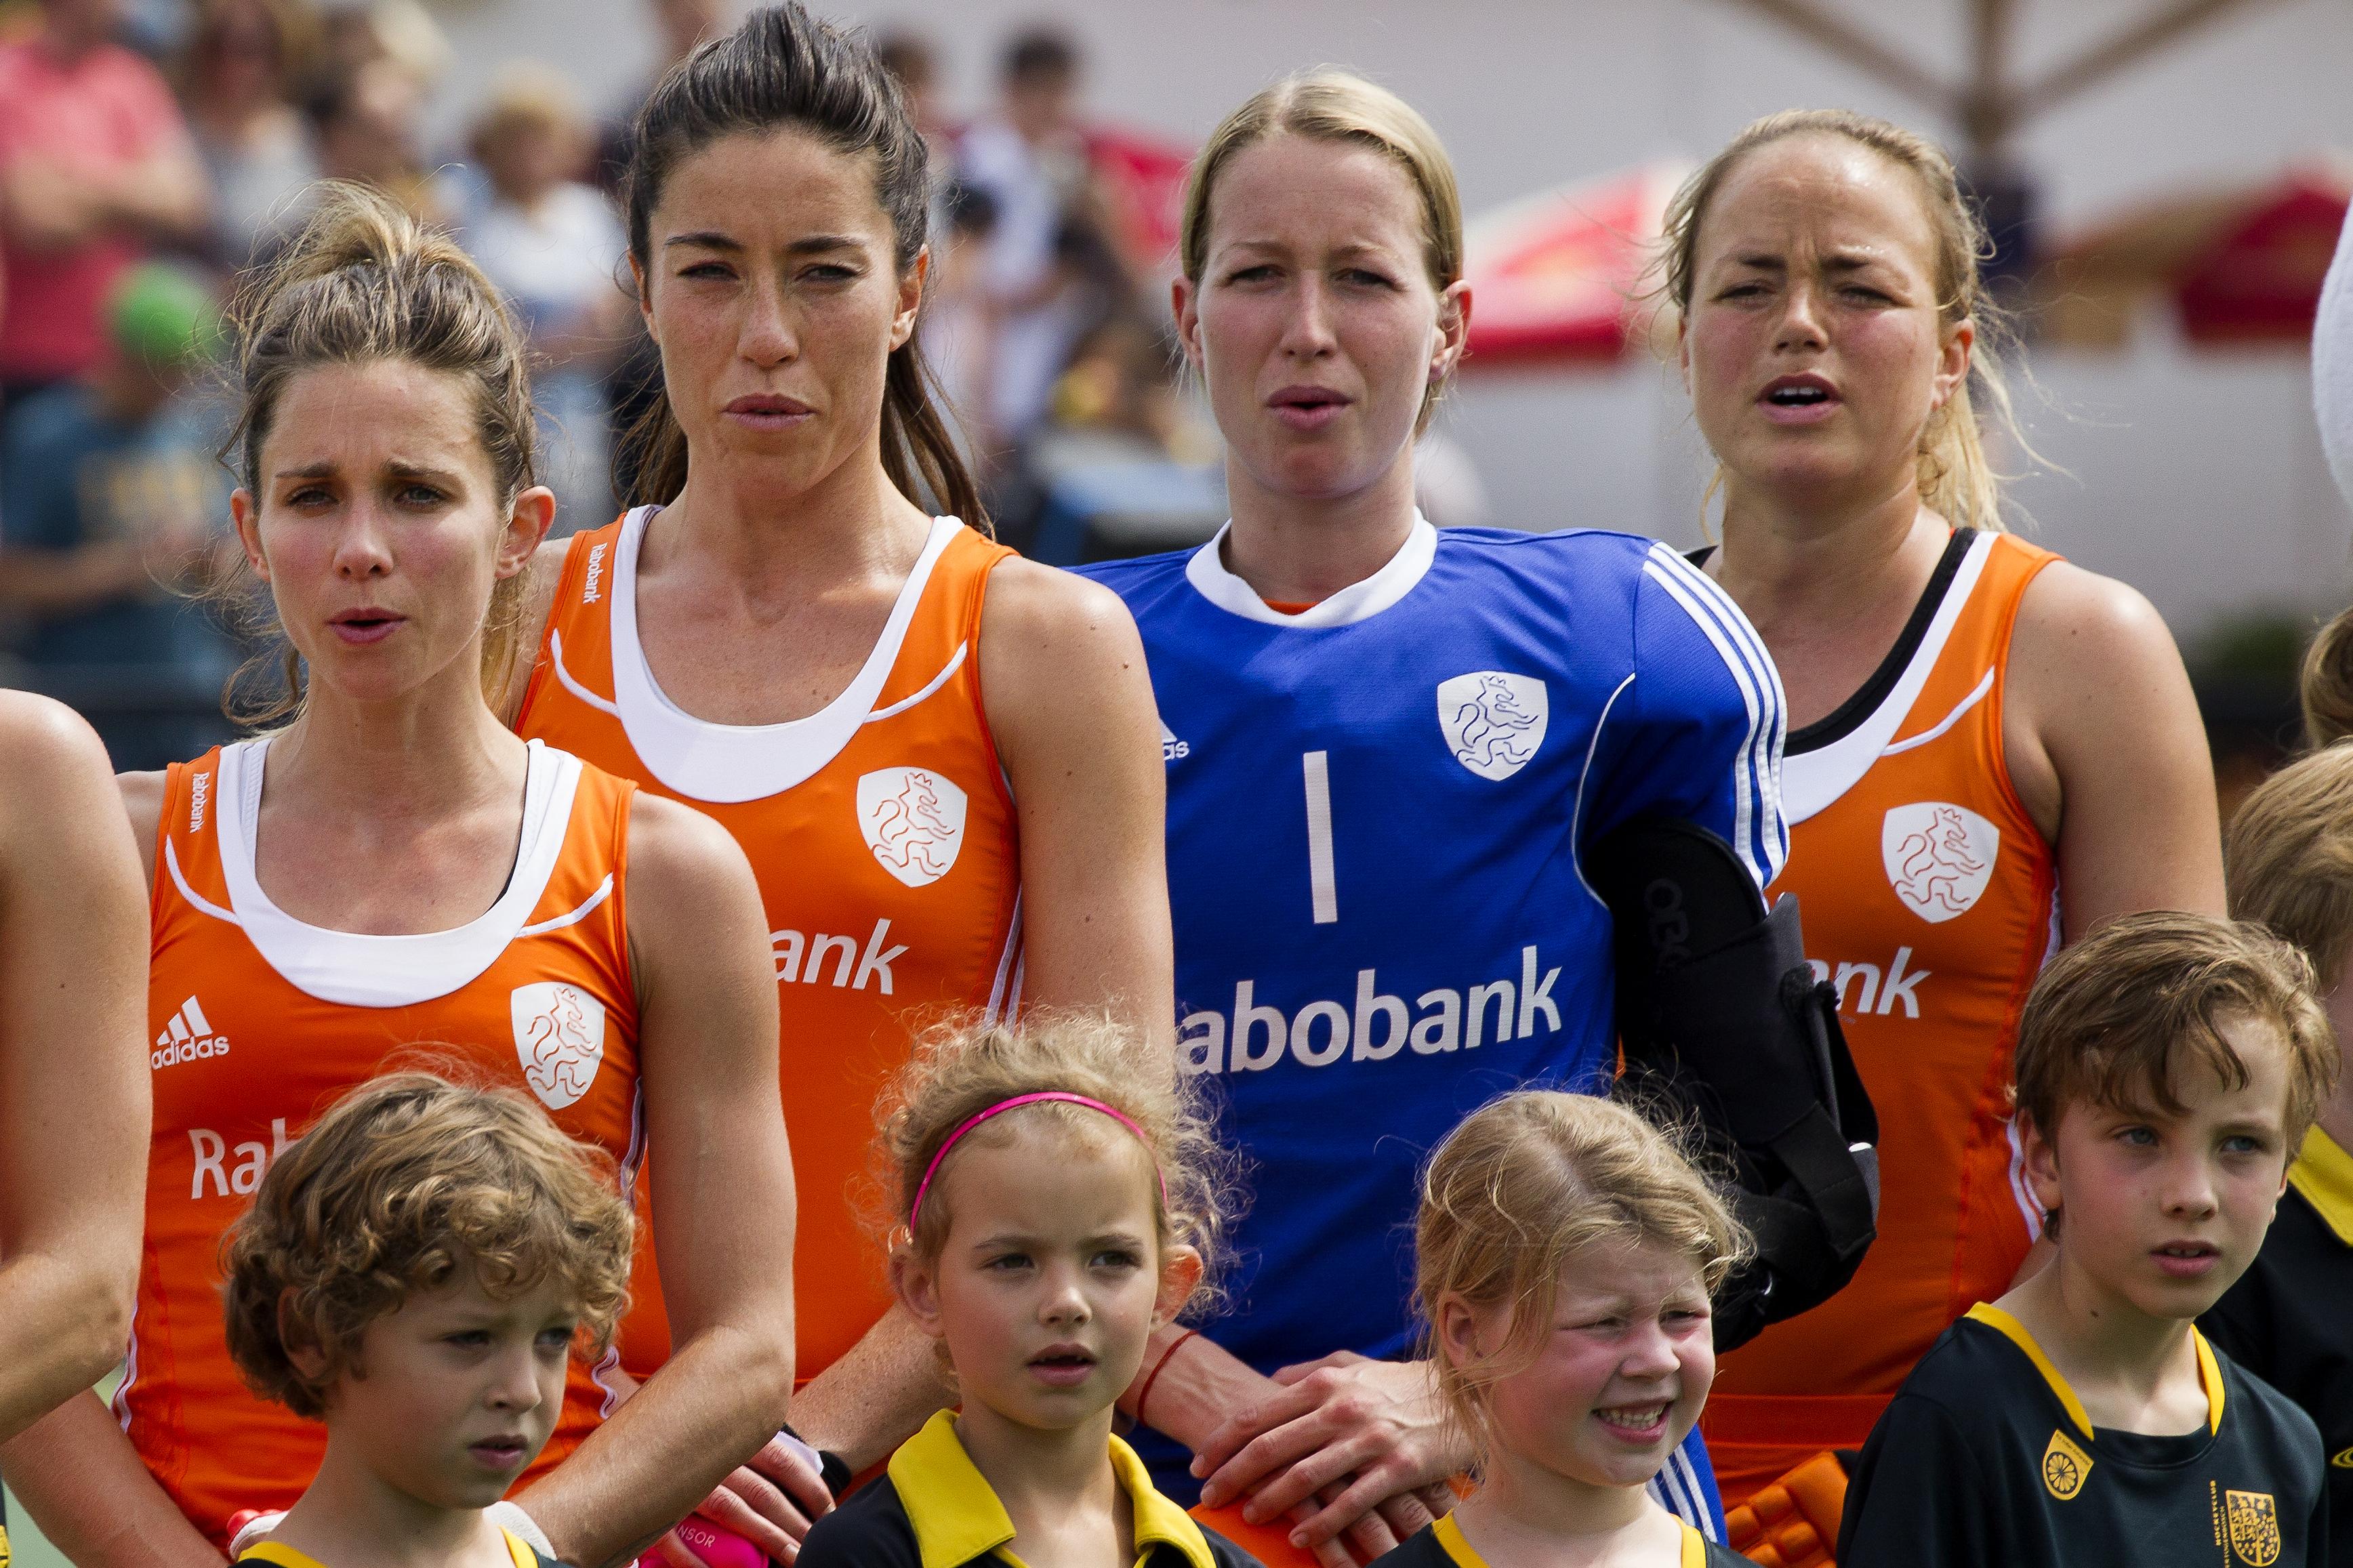 Den Bosch - Nederland - België Dames, Interland, Rabo Super Serie, Seizoen 2015-2016, 09-07-2016, Nederland - Belgie 6-0, Ellen Hoog, Naomi Van As , Joyce Sombroek (Gk), Maartje Paumen (C) .